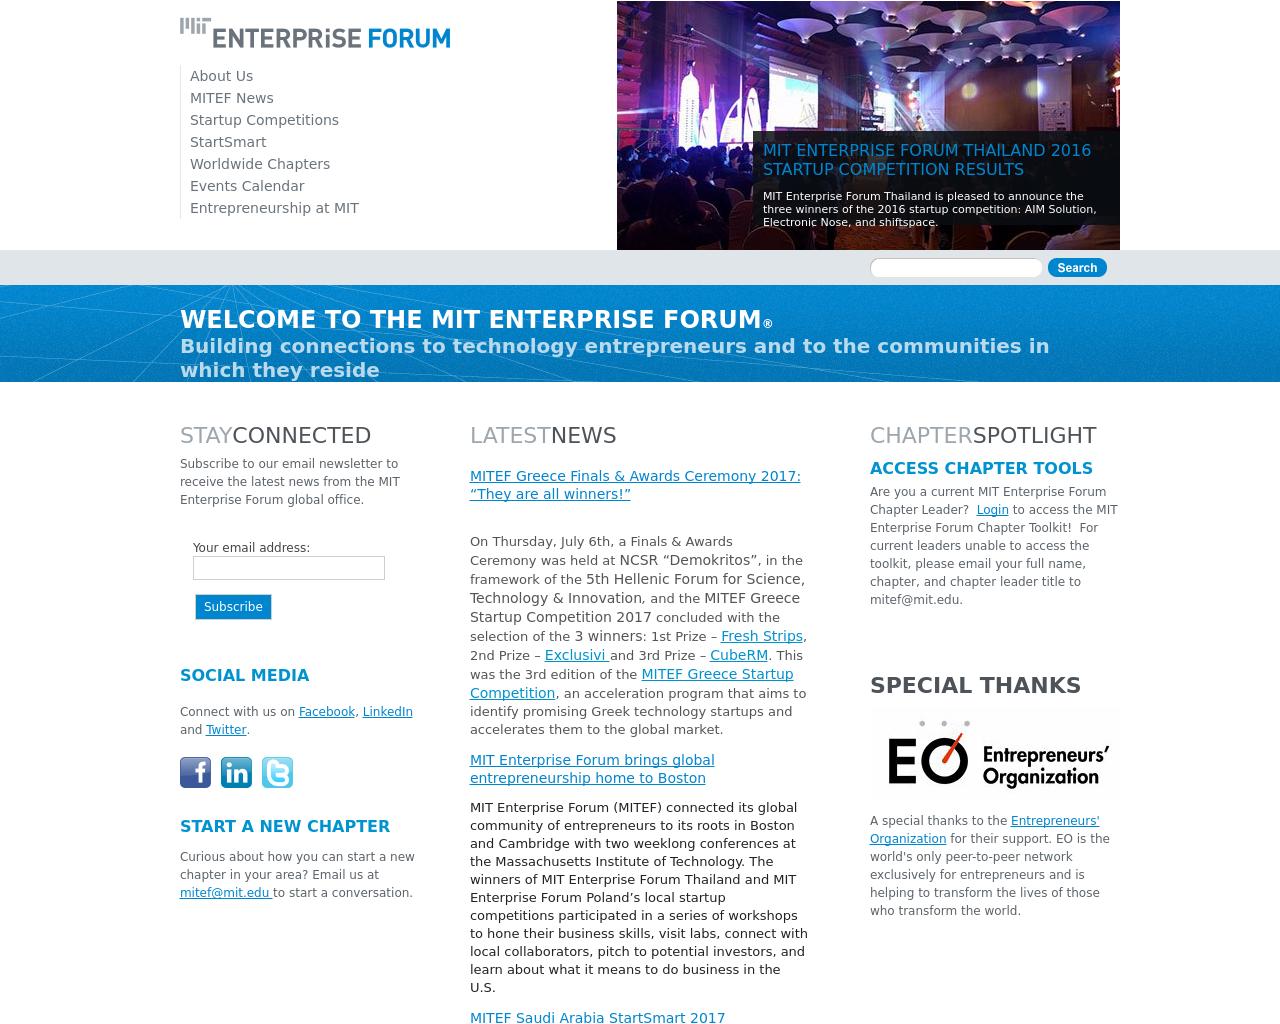 MIT-Enterprise-Forum-Advertising-Reviews-Pricing